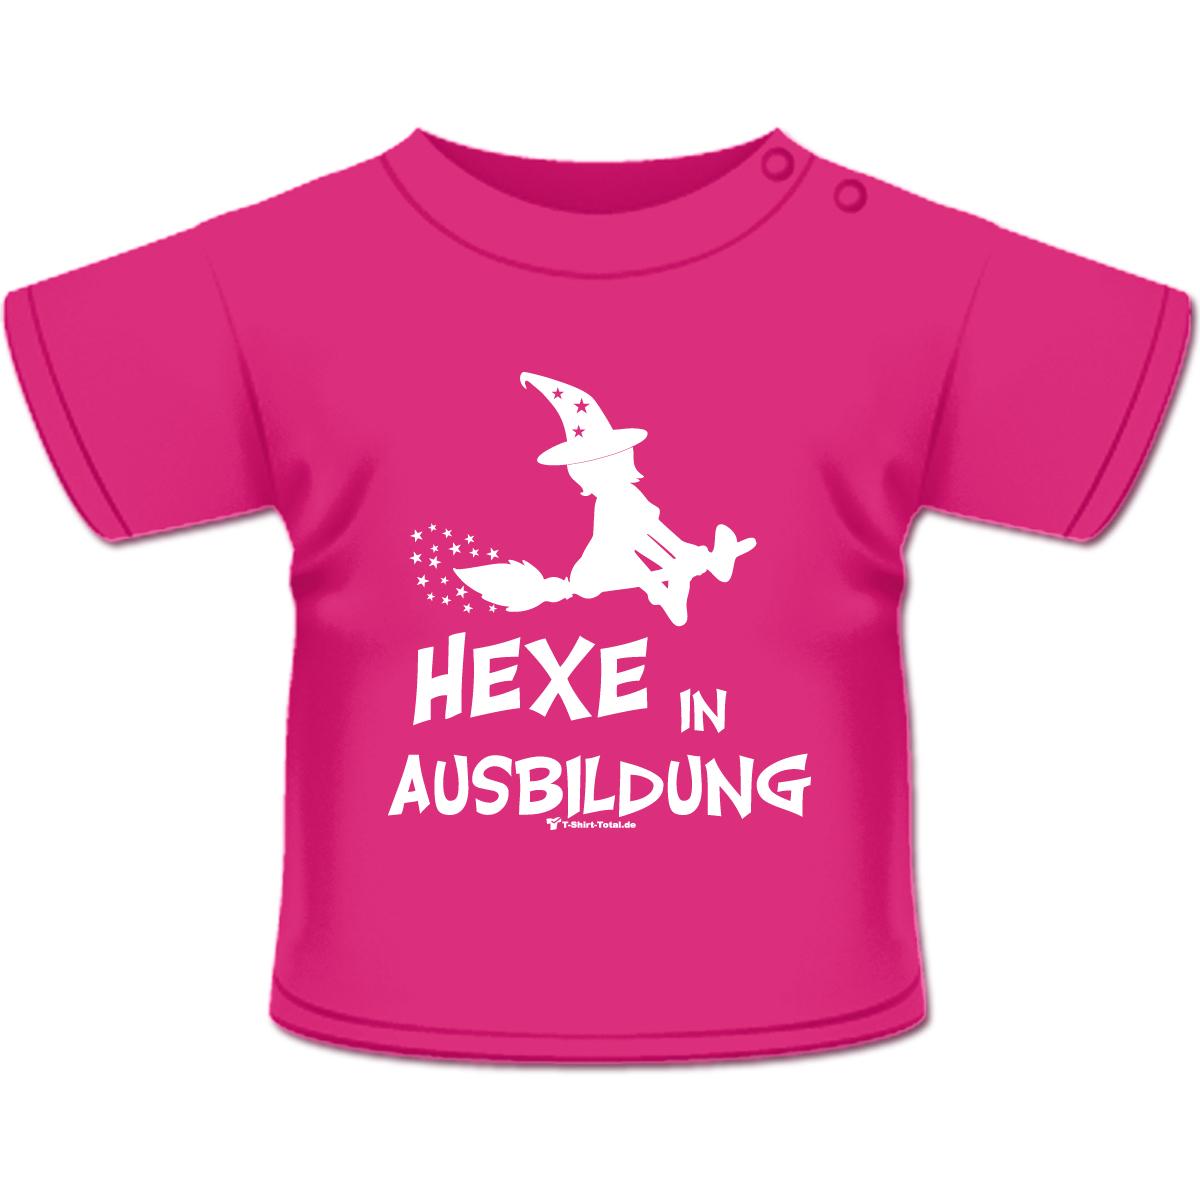 hexe in ausbildung t shirt pink g nstig online kaufen. Black Bedroom Furniture Sets. Home Design Ideas